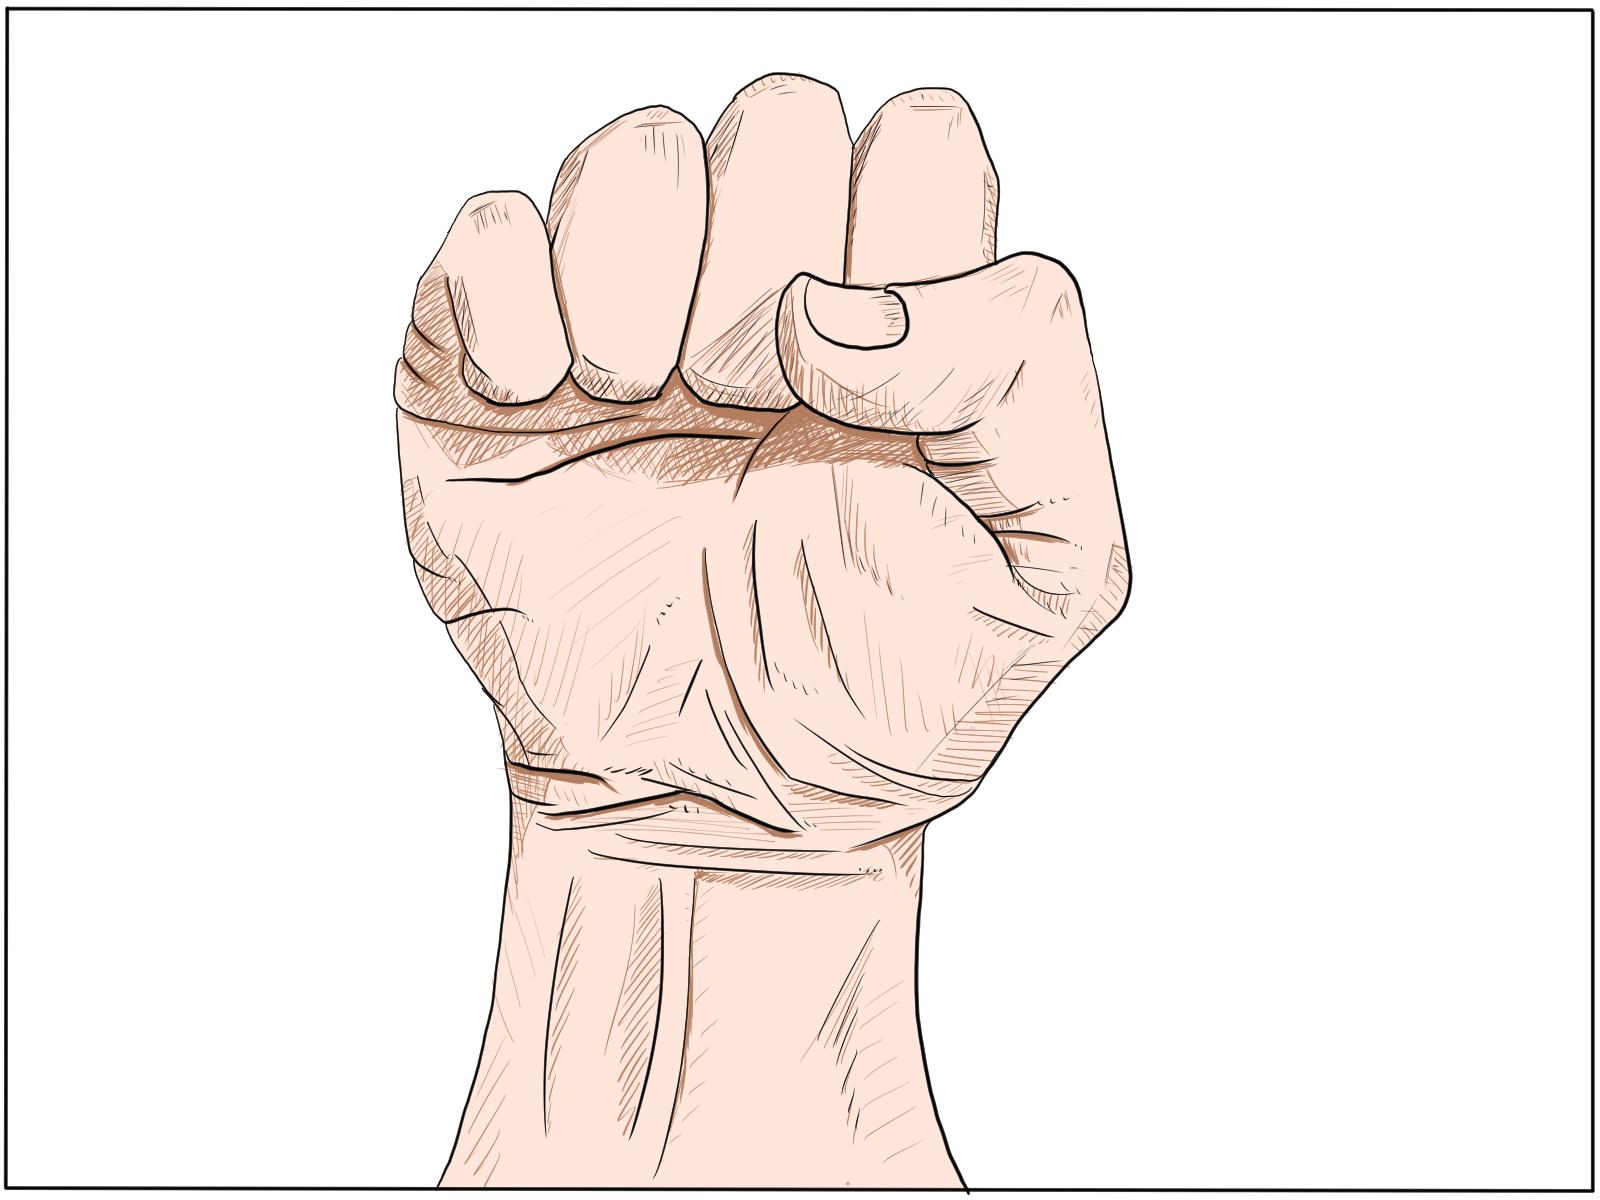 【体感パンチ力】握力を鍛えたらパンチ力ではなく「体感パンチ力」が上がる